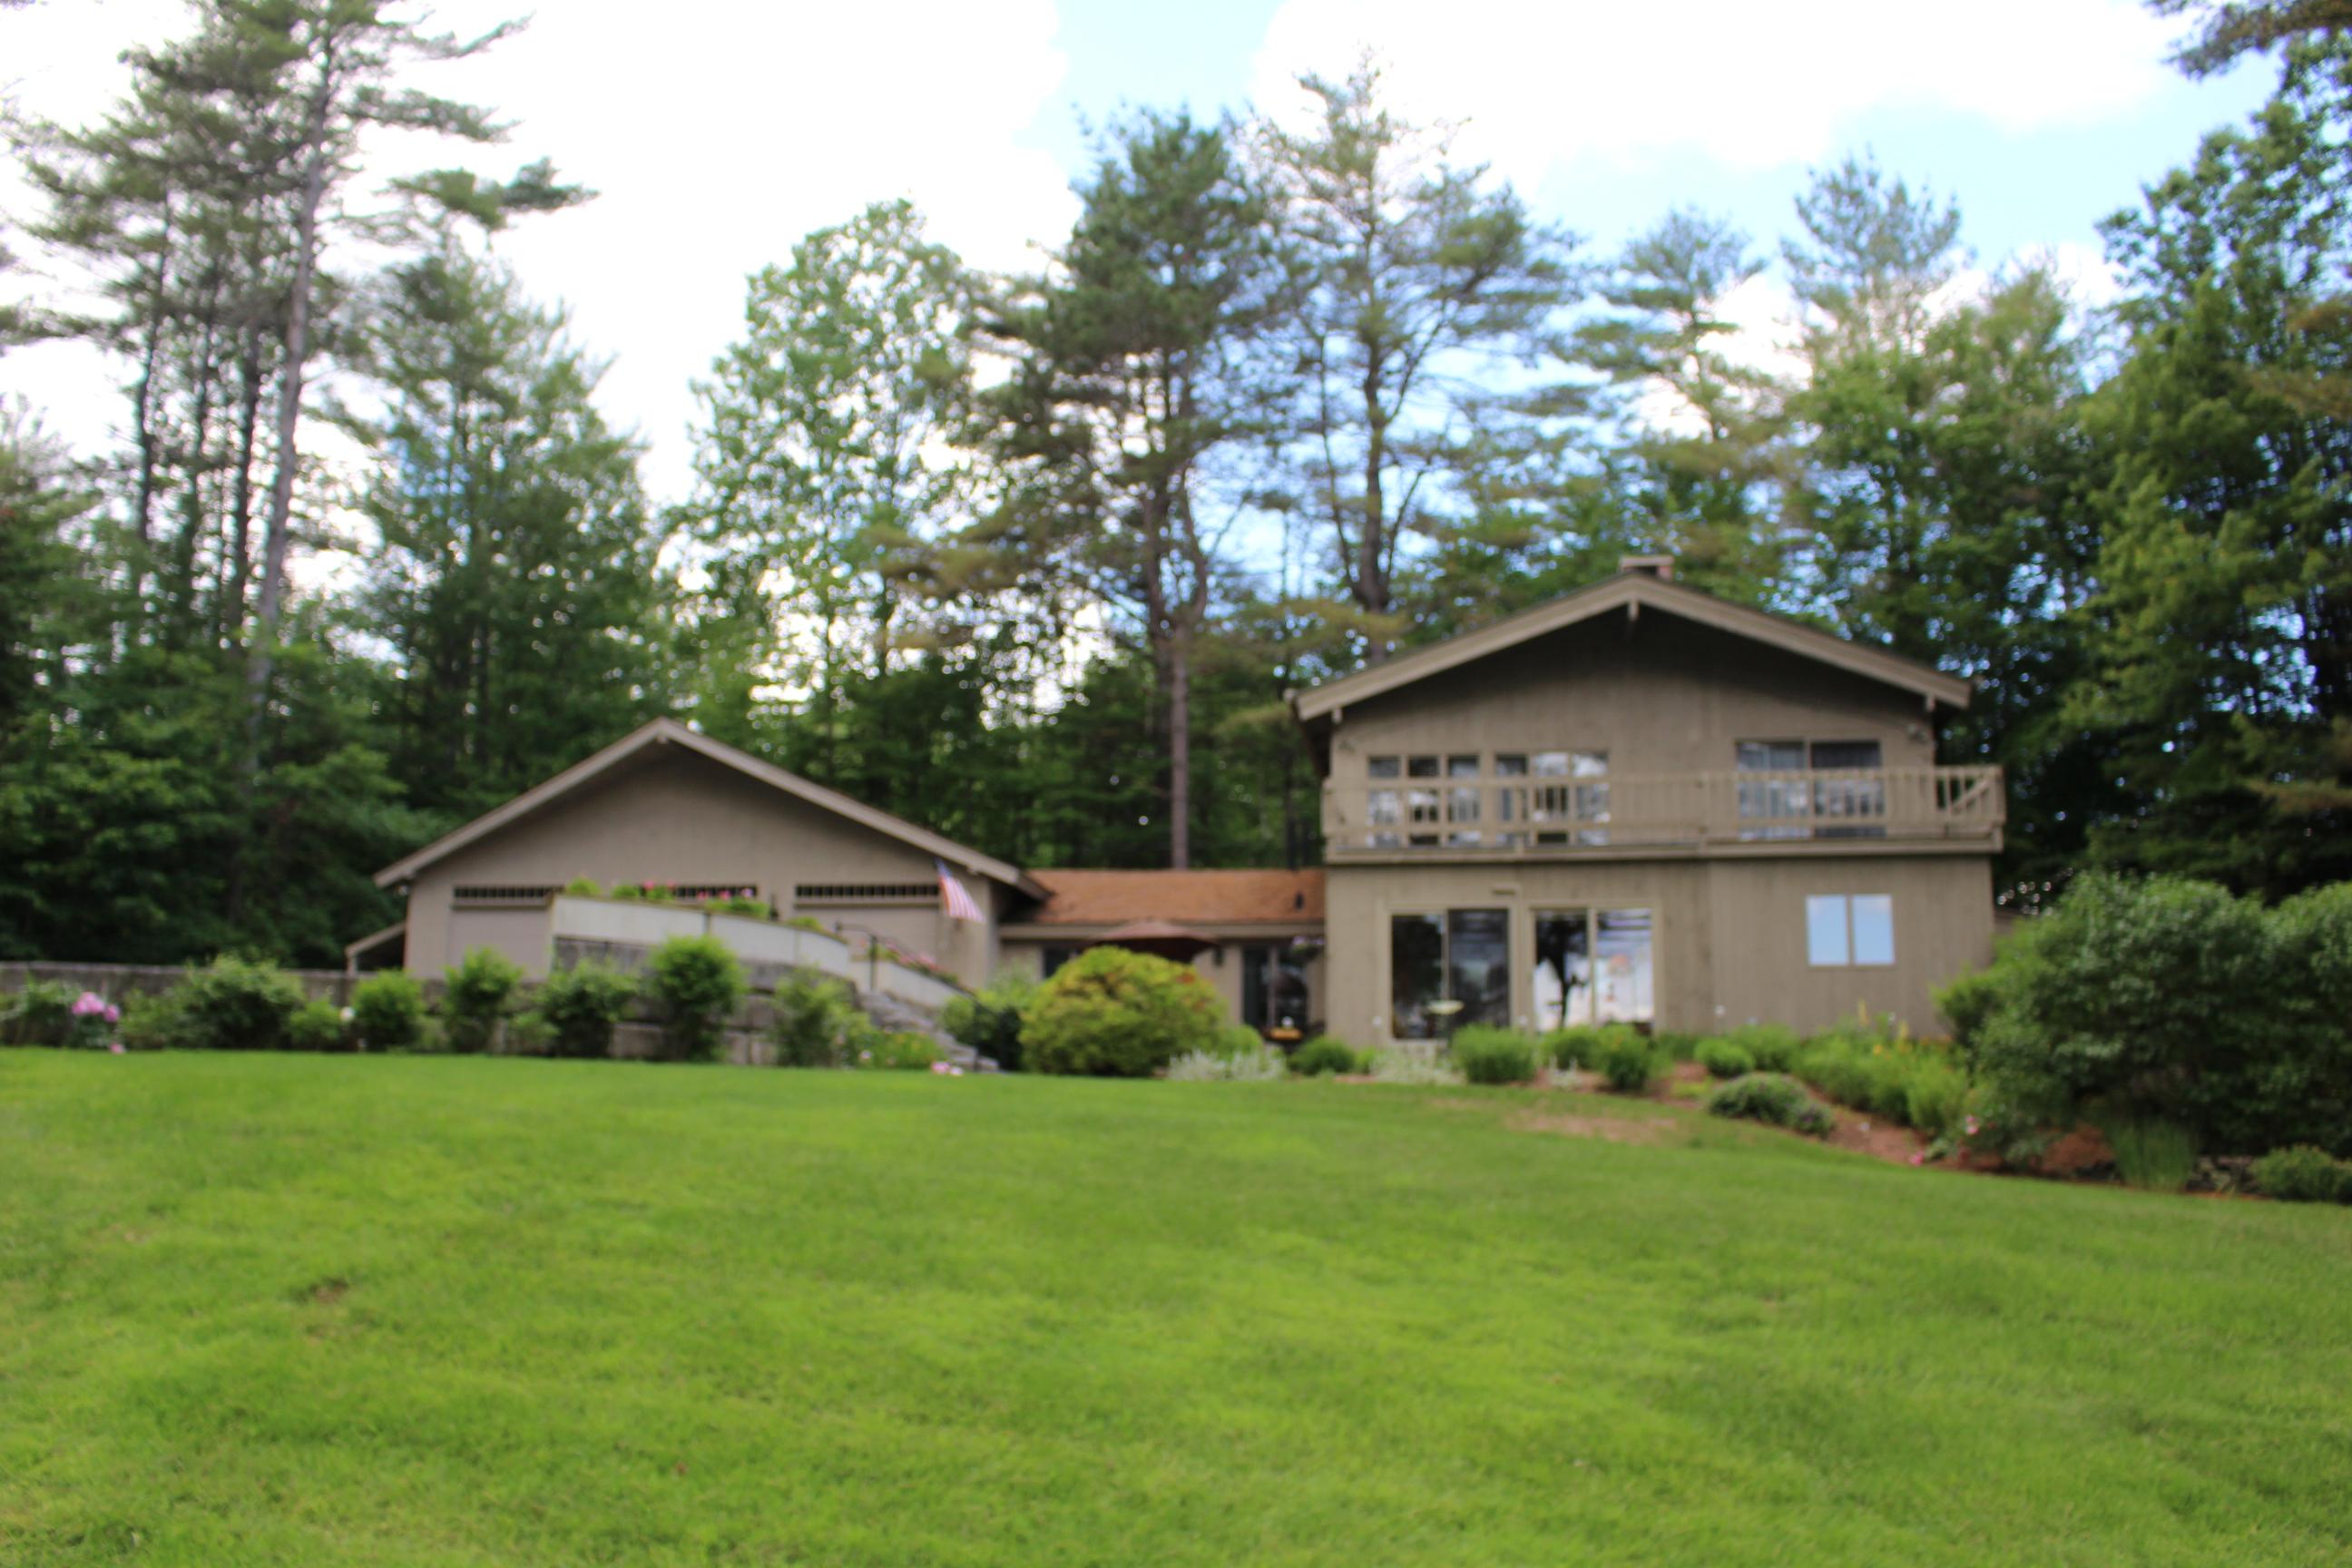 Villa per Vendita alle ore 160 Fairway, New London 160 Fairway Ln New London, New Hampshire 03257 Stati Uniti